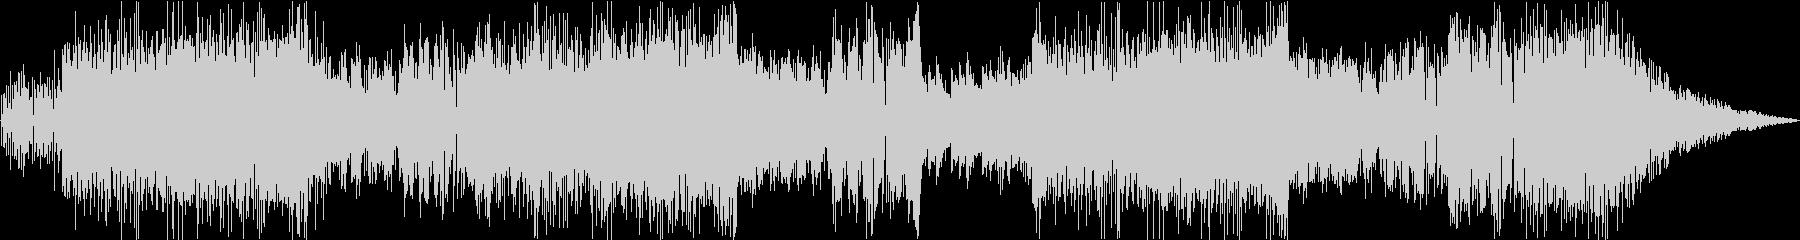 ピアノとシンセサイザーの印象的な旋律の未再生の波形